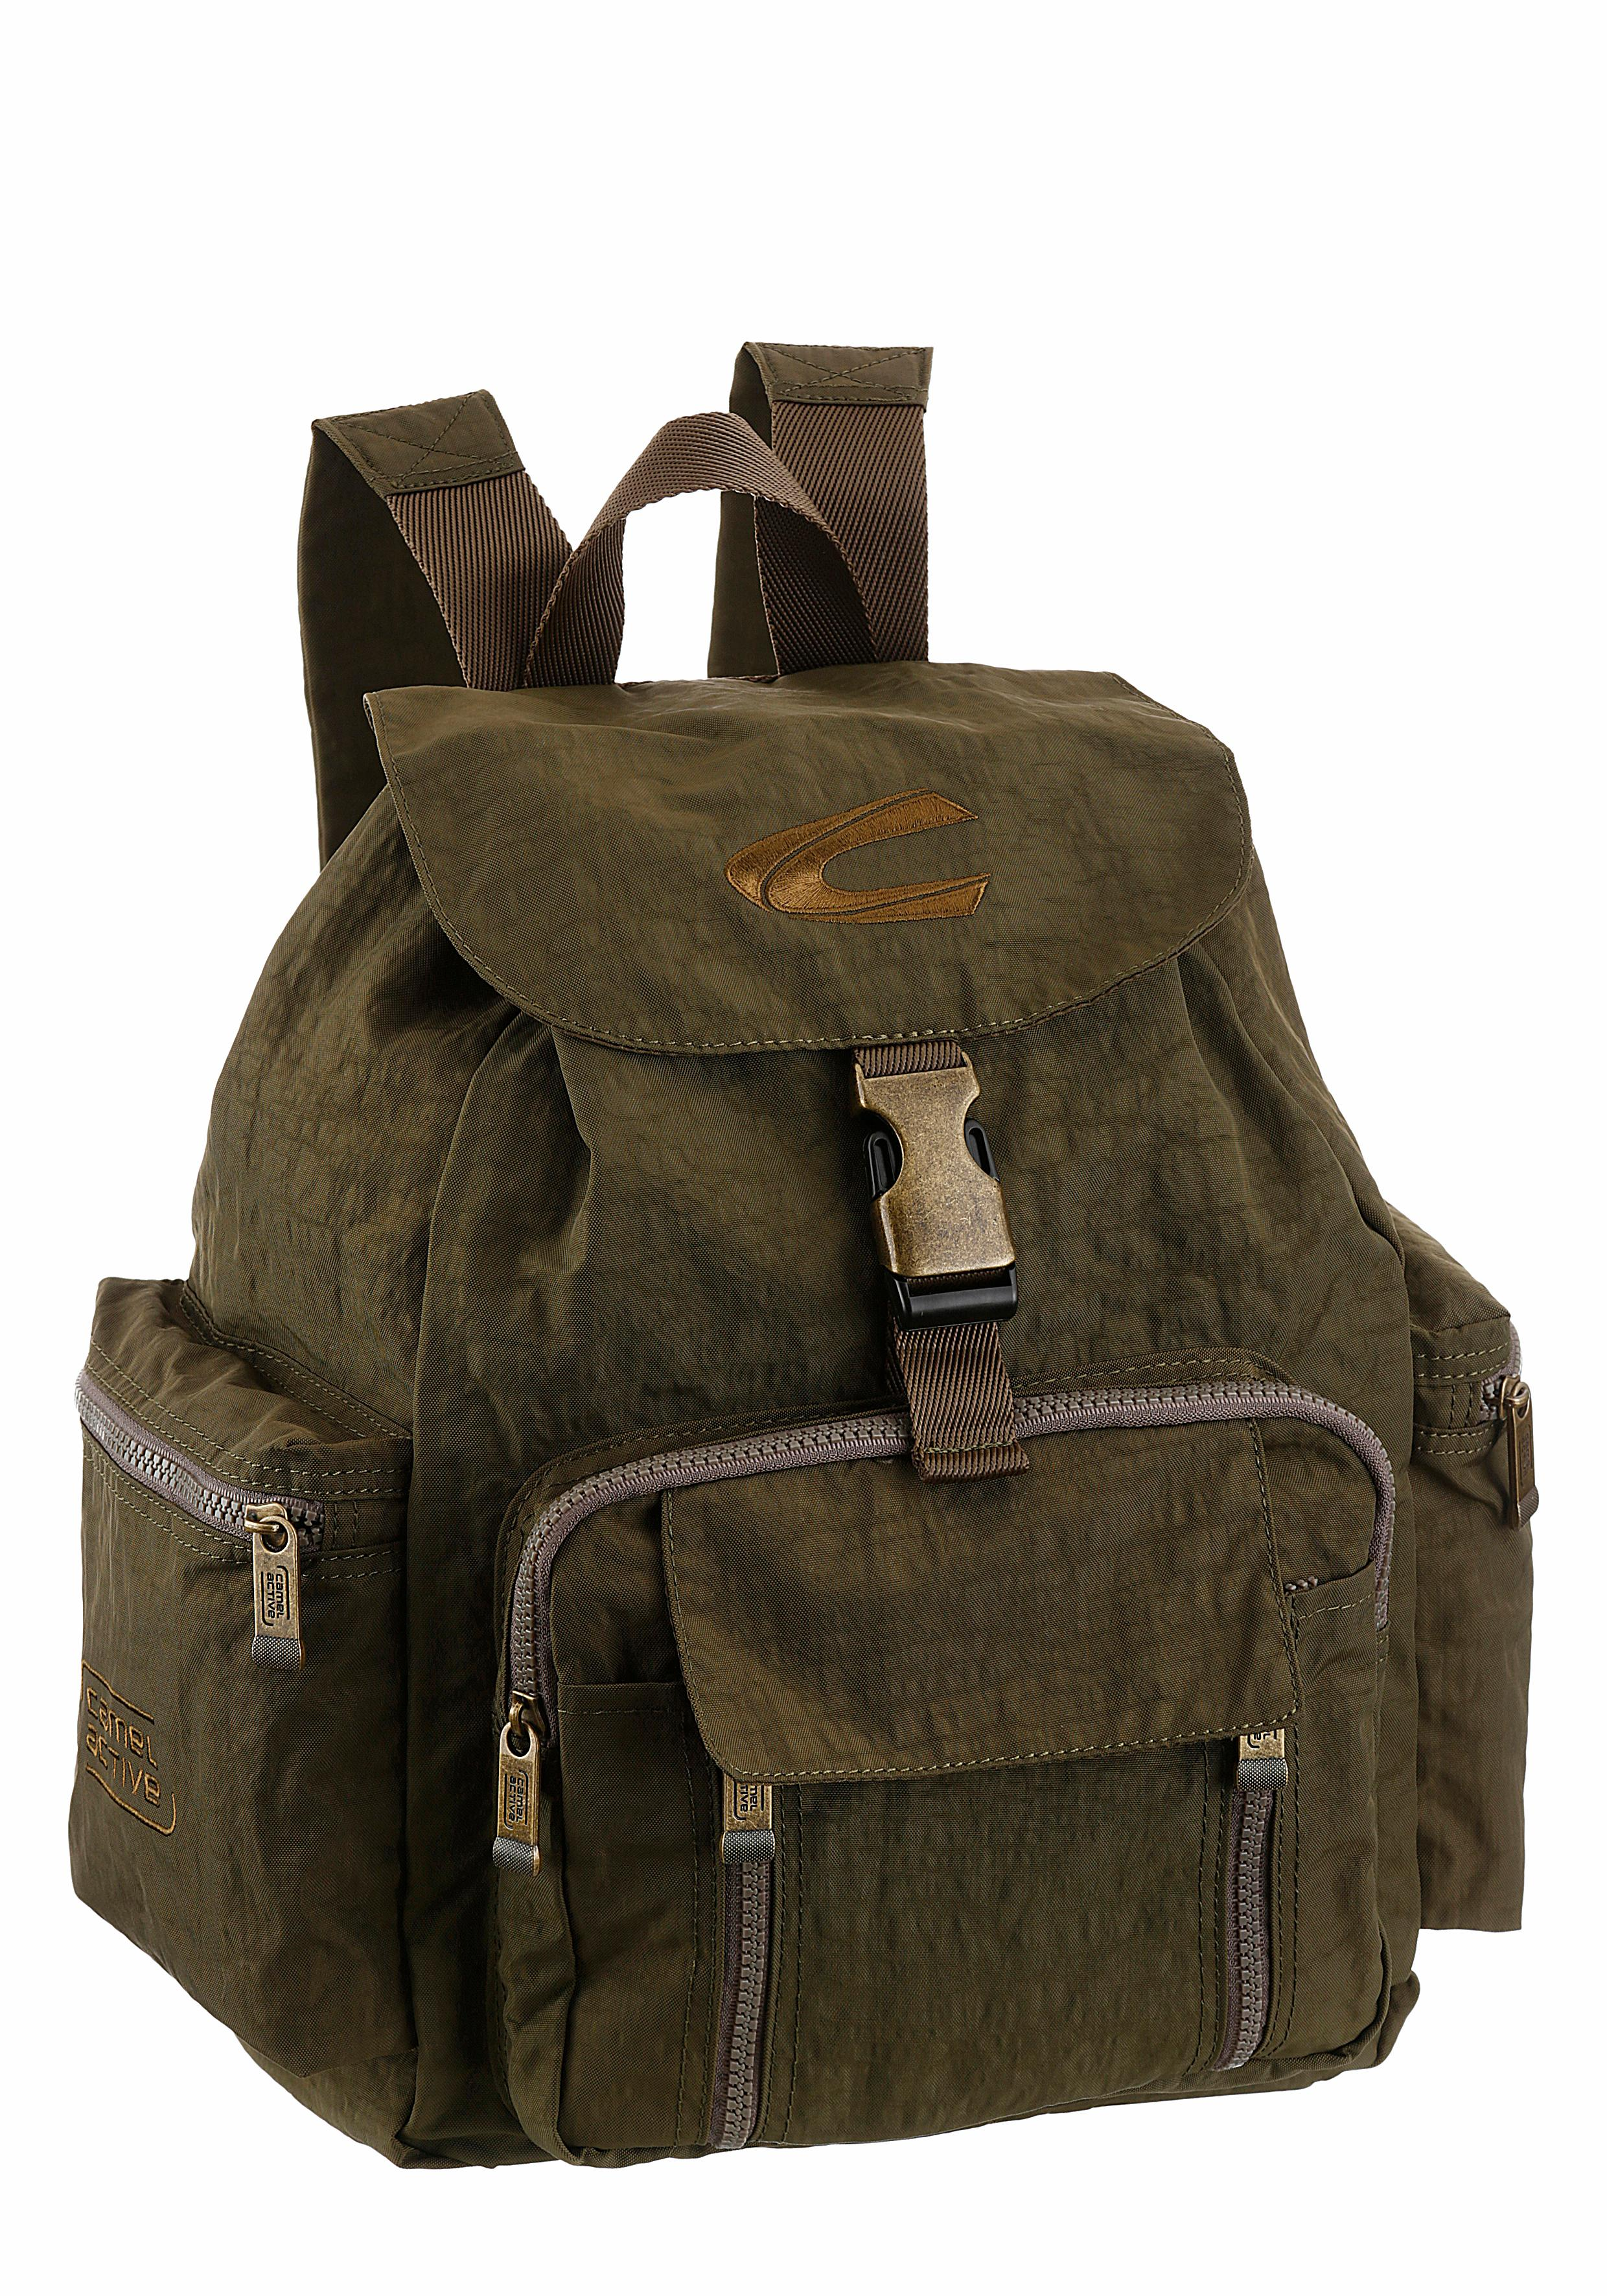 camel active Cityrucksack, mit gepolstertem Rücken und vielen Täschchen günstig online kaufen